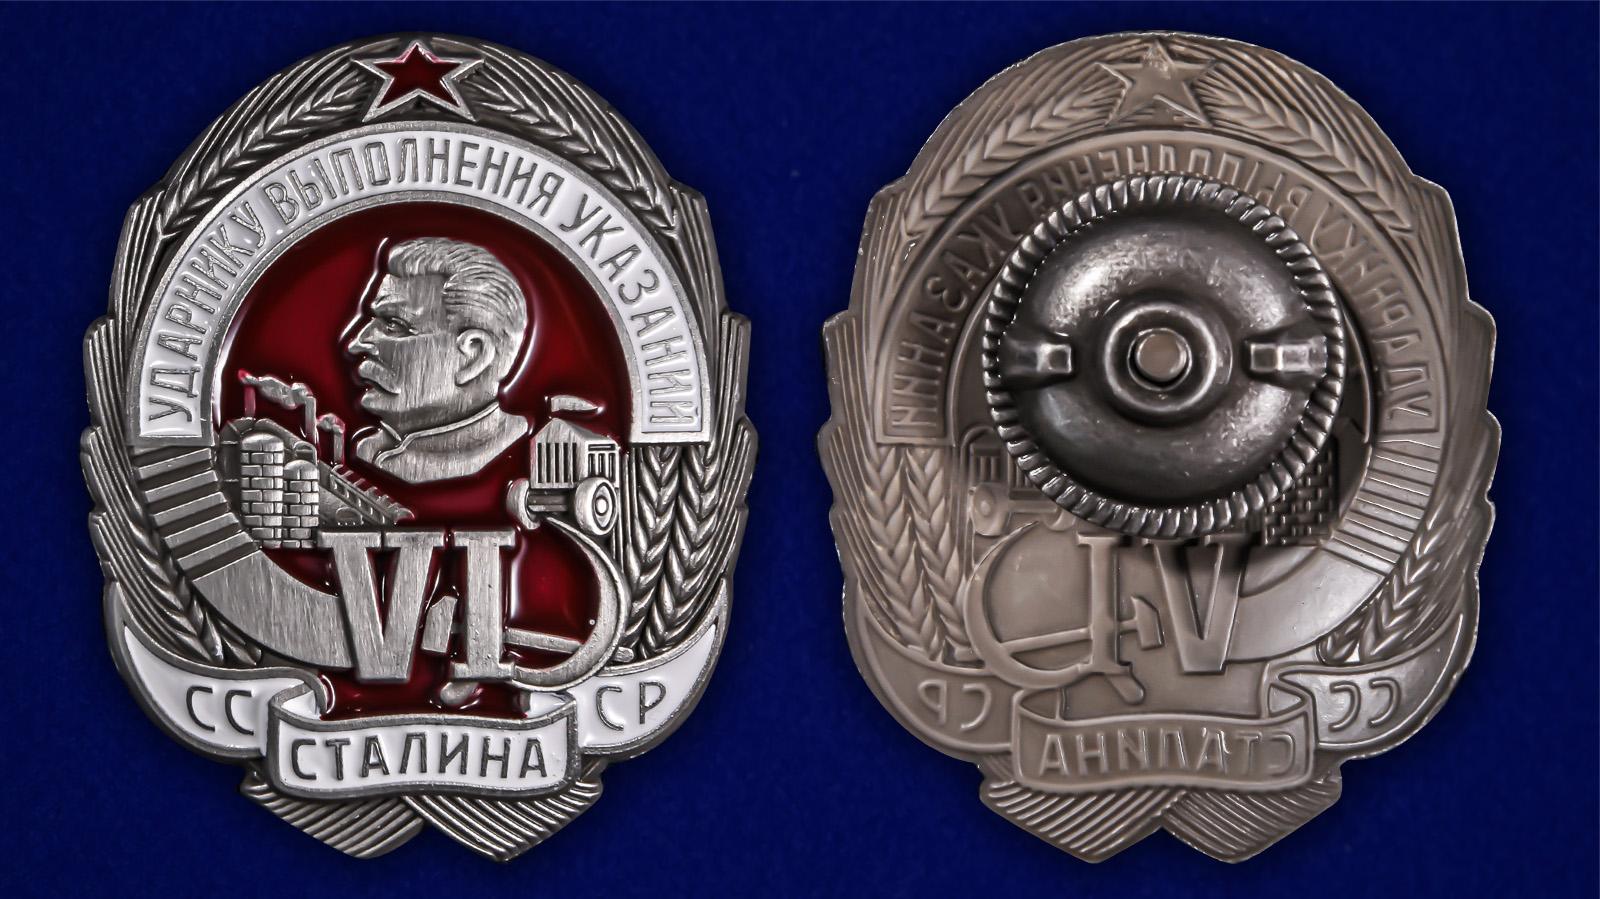 Памятный знак Ударнику выполнения VI указаний Сталина - аверс и реверс